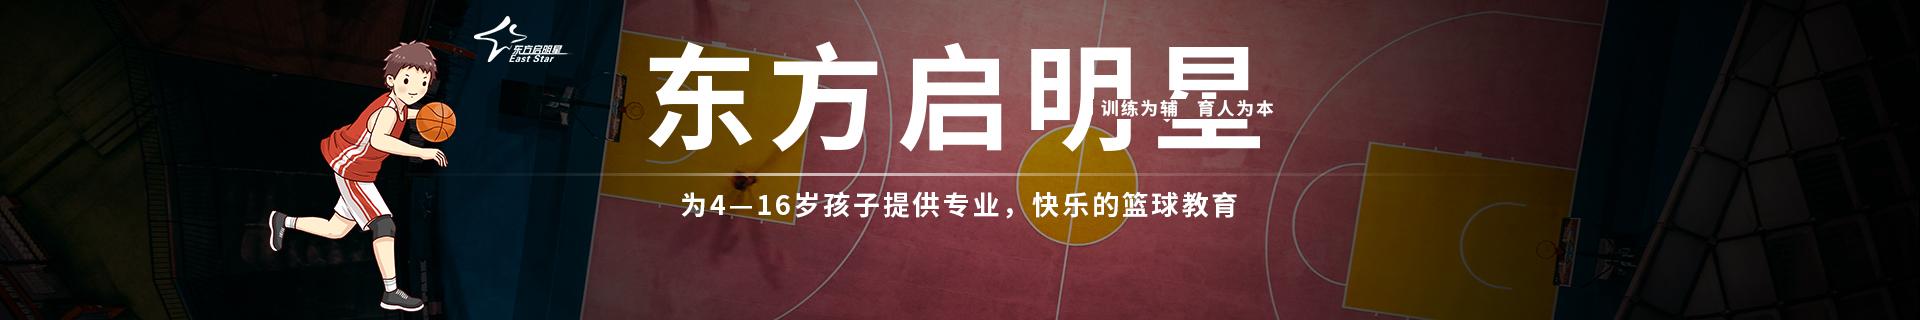 苏州吴中区东方启明星丰隆汇校区